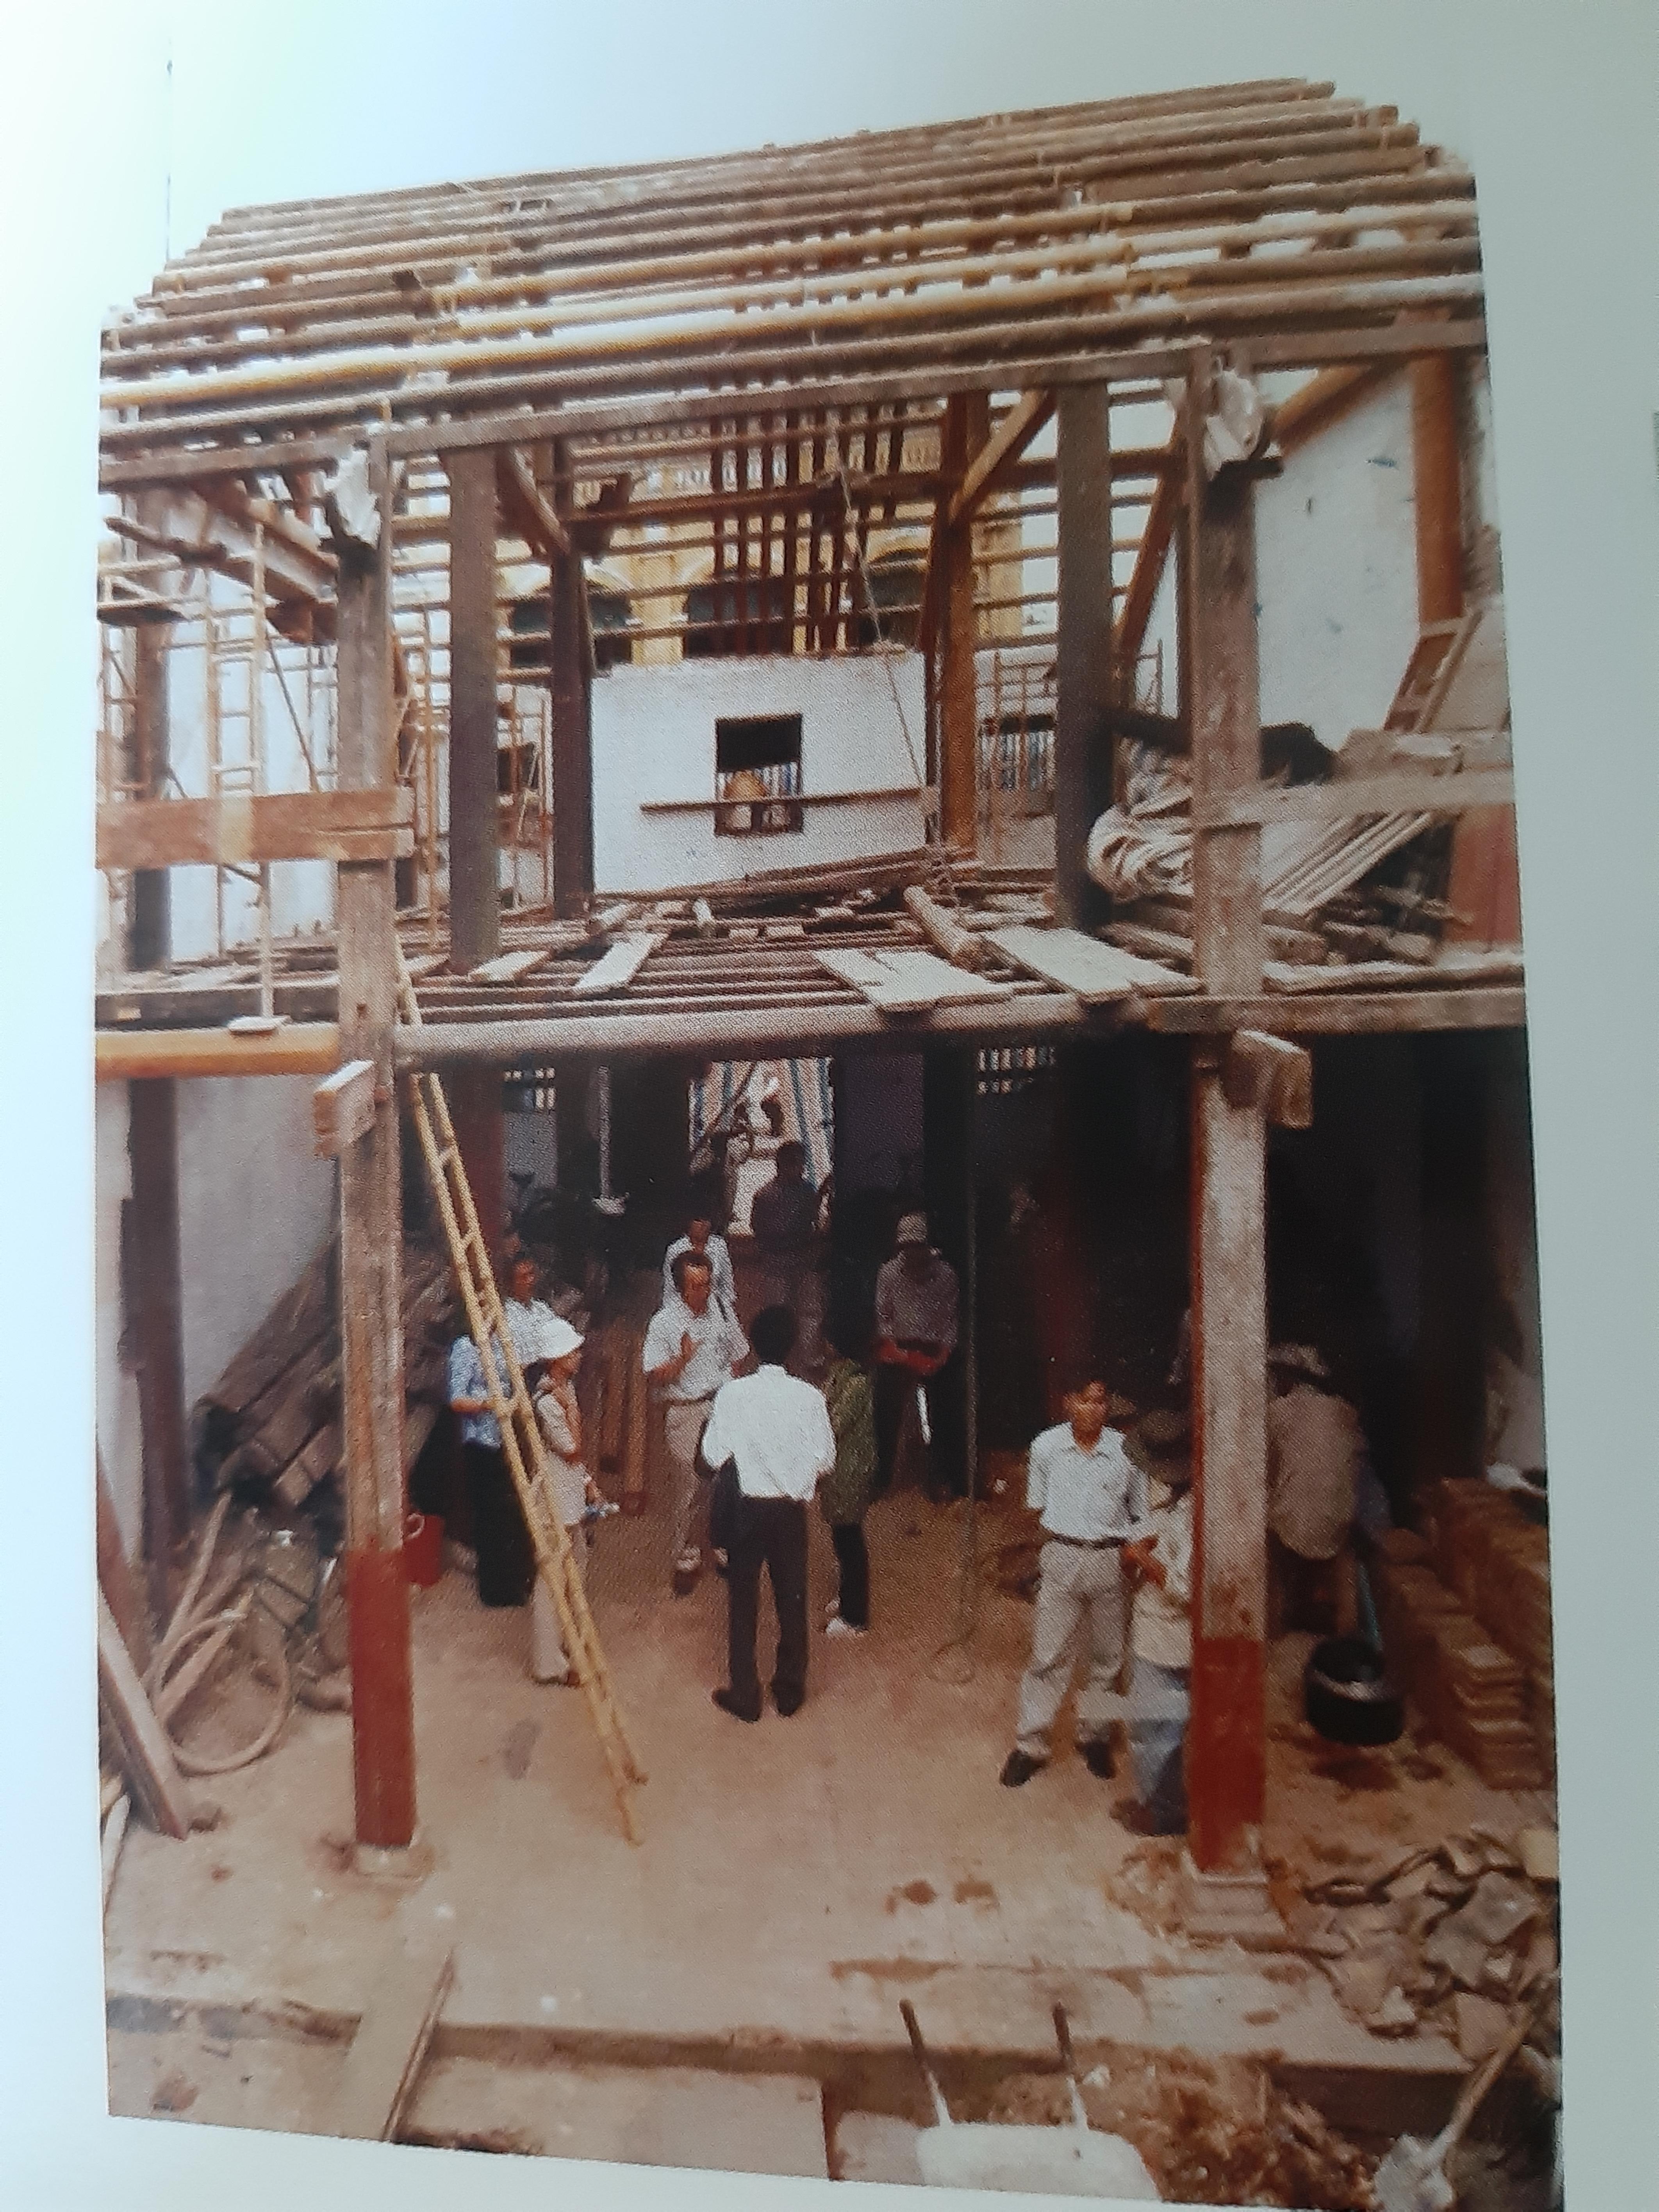 Chuyên gia Nhật Bản giúp trùng tu nhà cổ ở Hội An. Ảnh: TTQLBTDSVH Hội An